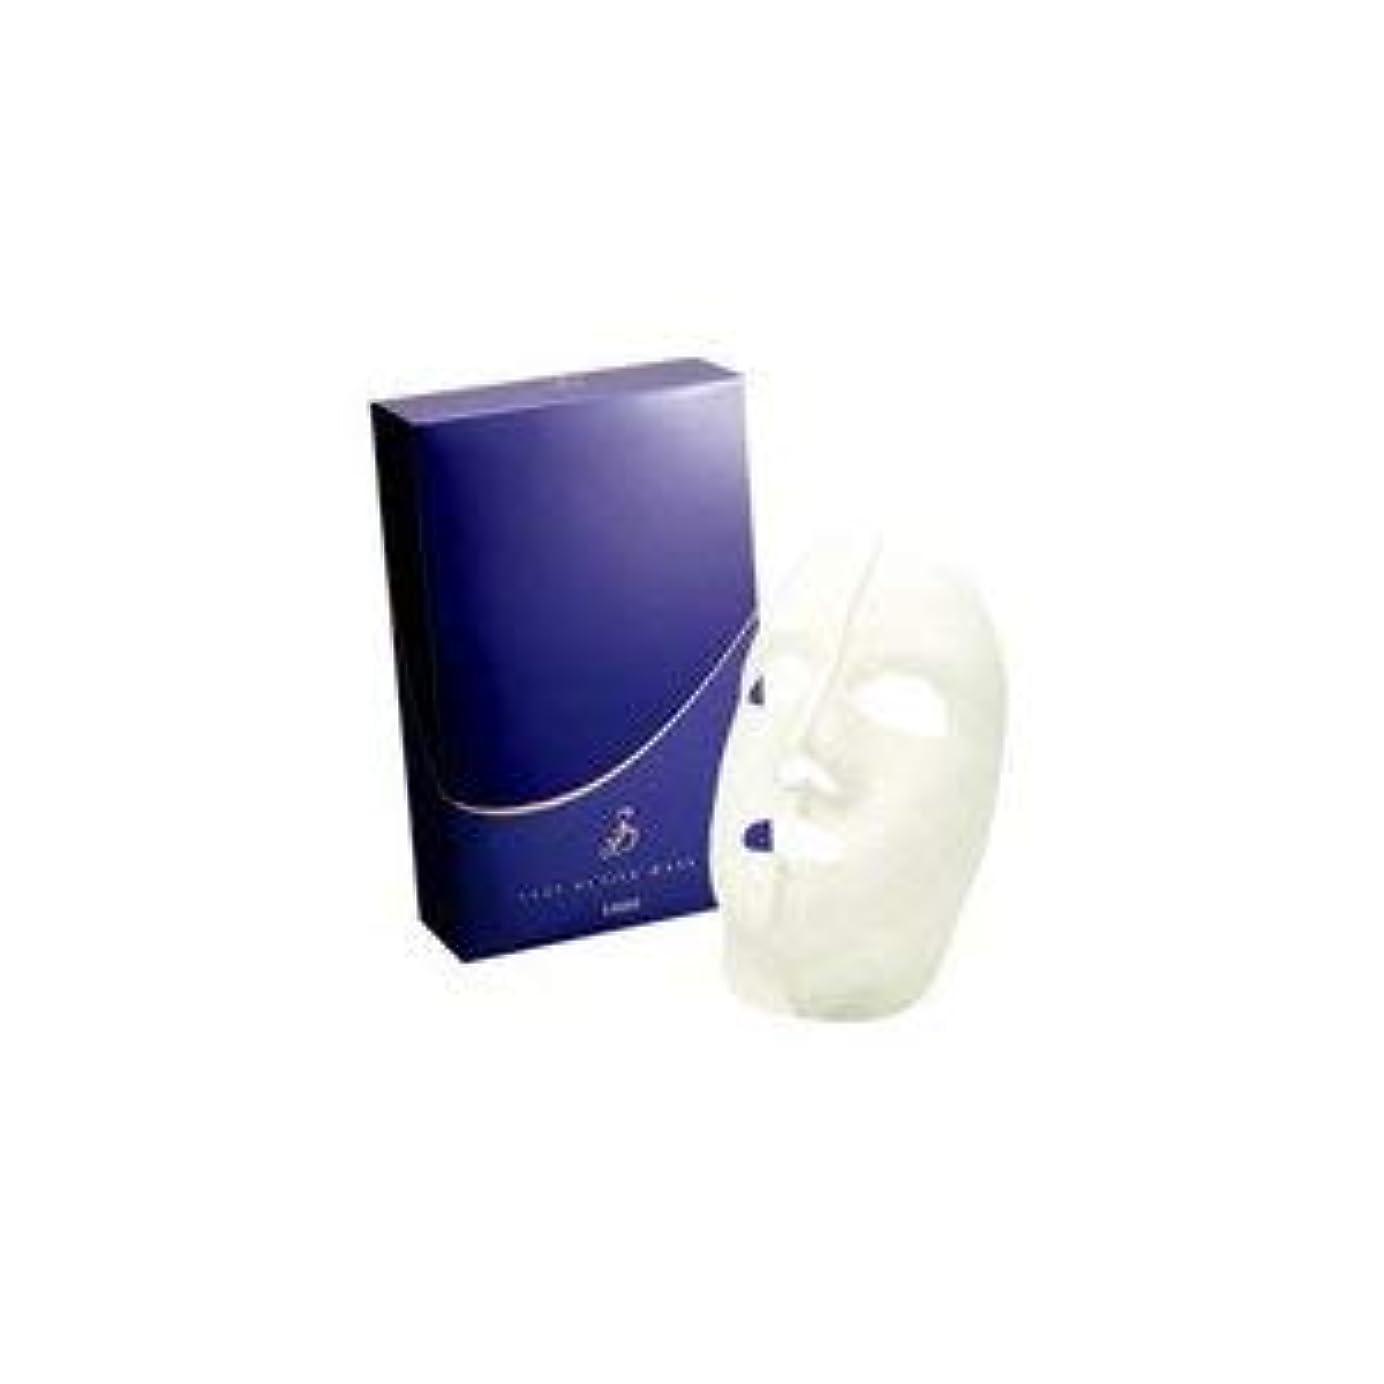 パシフィックなめる忘れっぽいダイアナ ディアナージュ 3D ファストアクティブマスク Ⅱ 30ml×6枚入り Diana